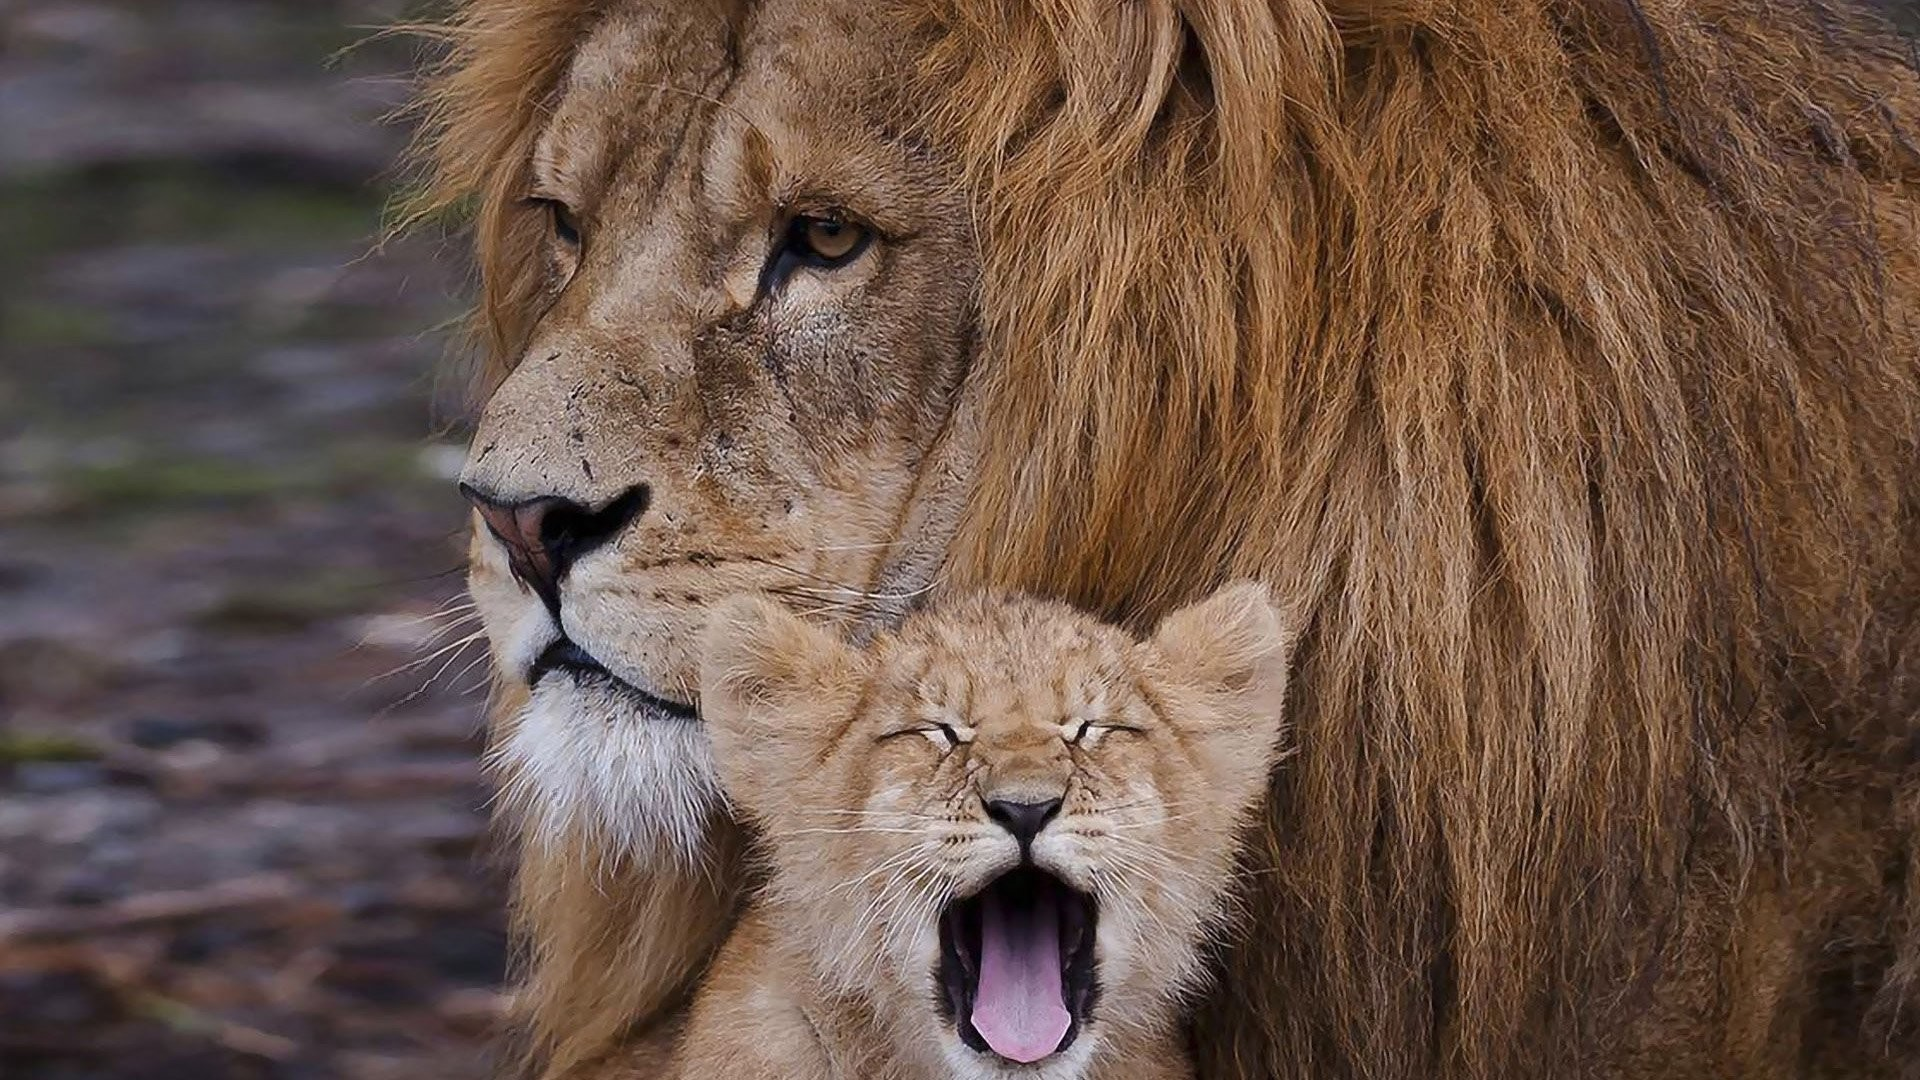 Lion Cub Wallpaper 74 Images